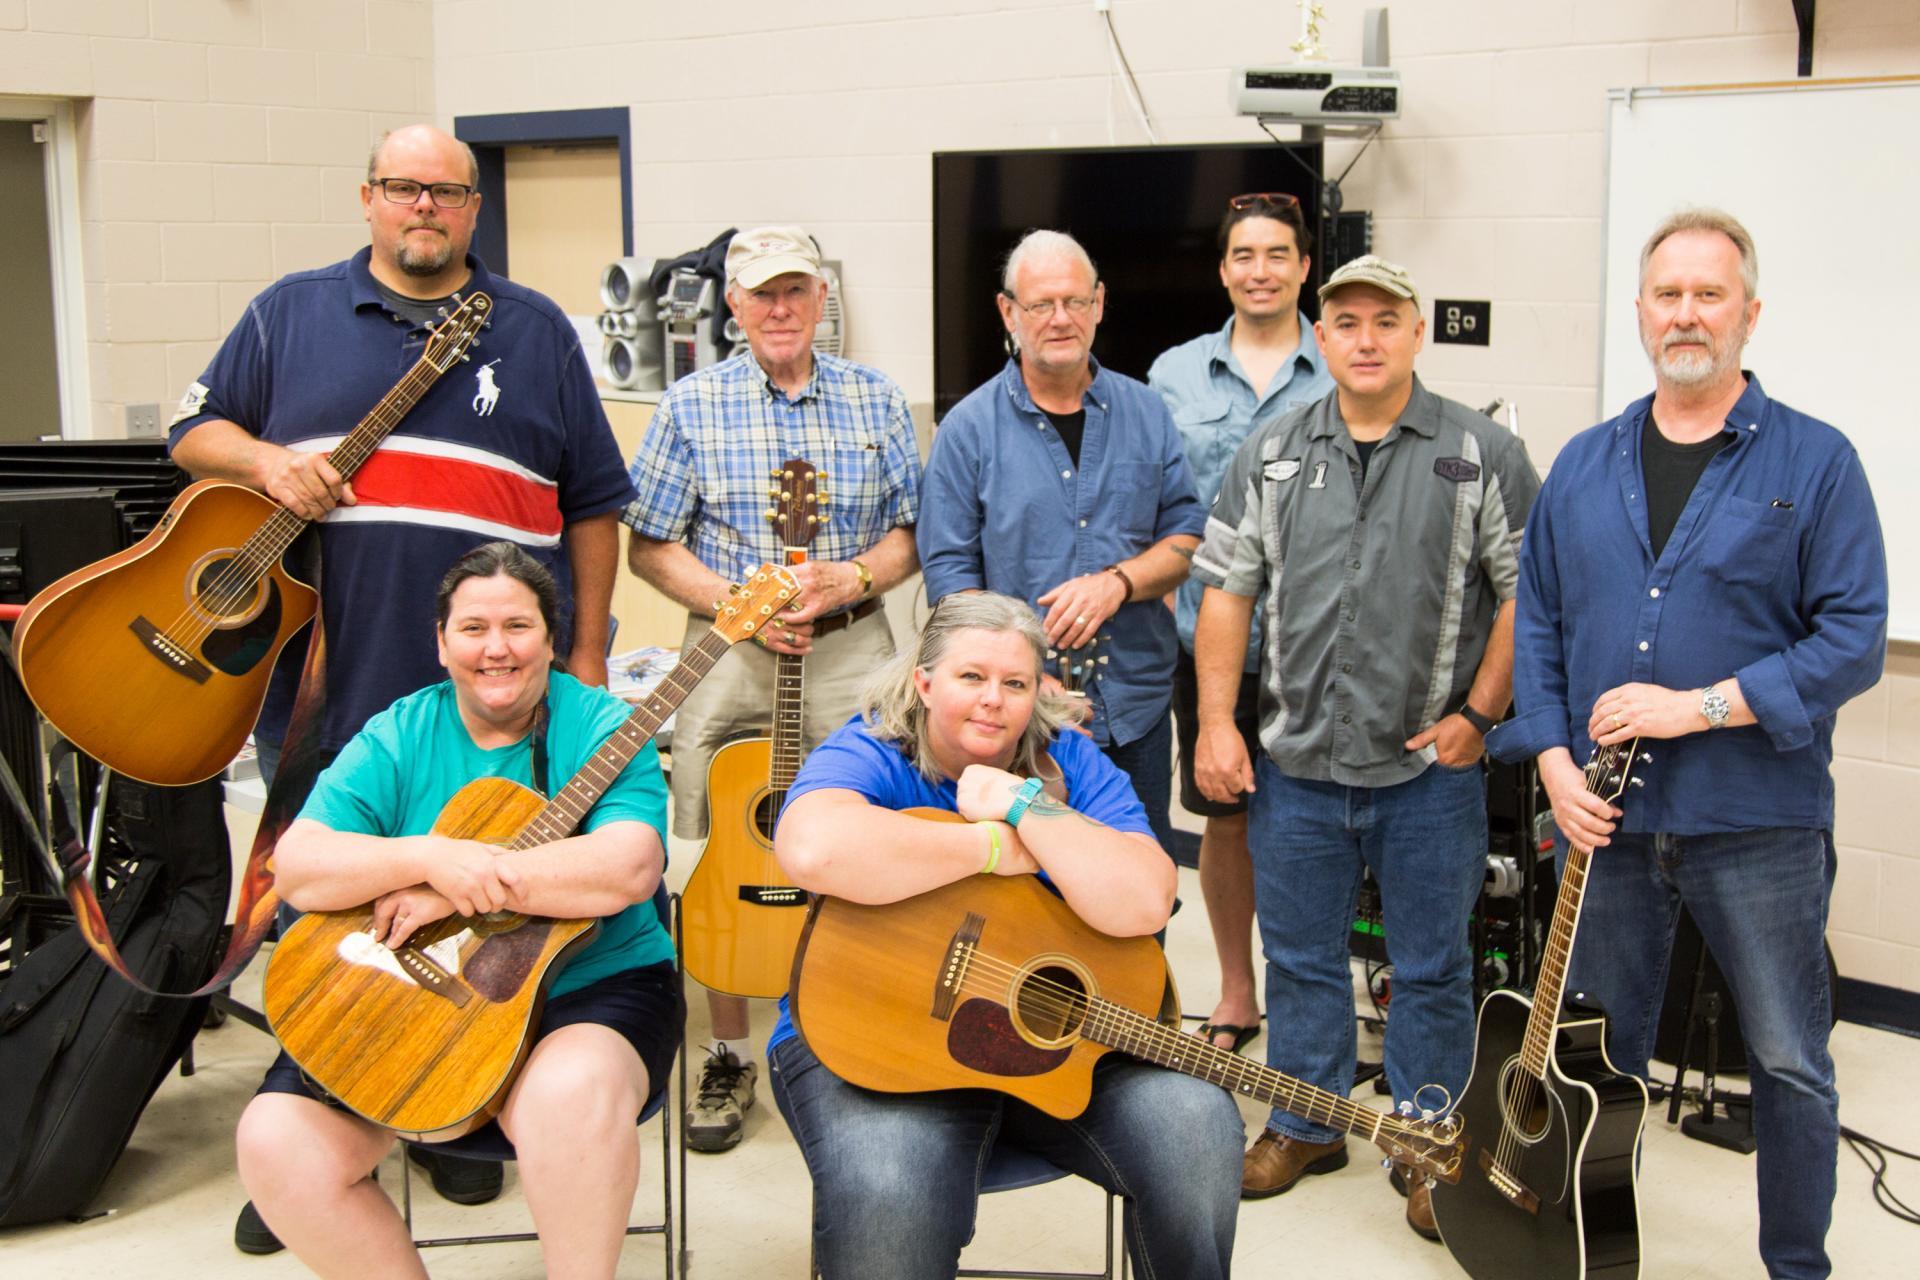 N.C. Veterans Songwriting Workshop